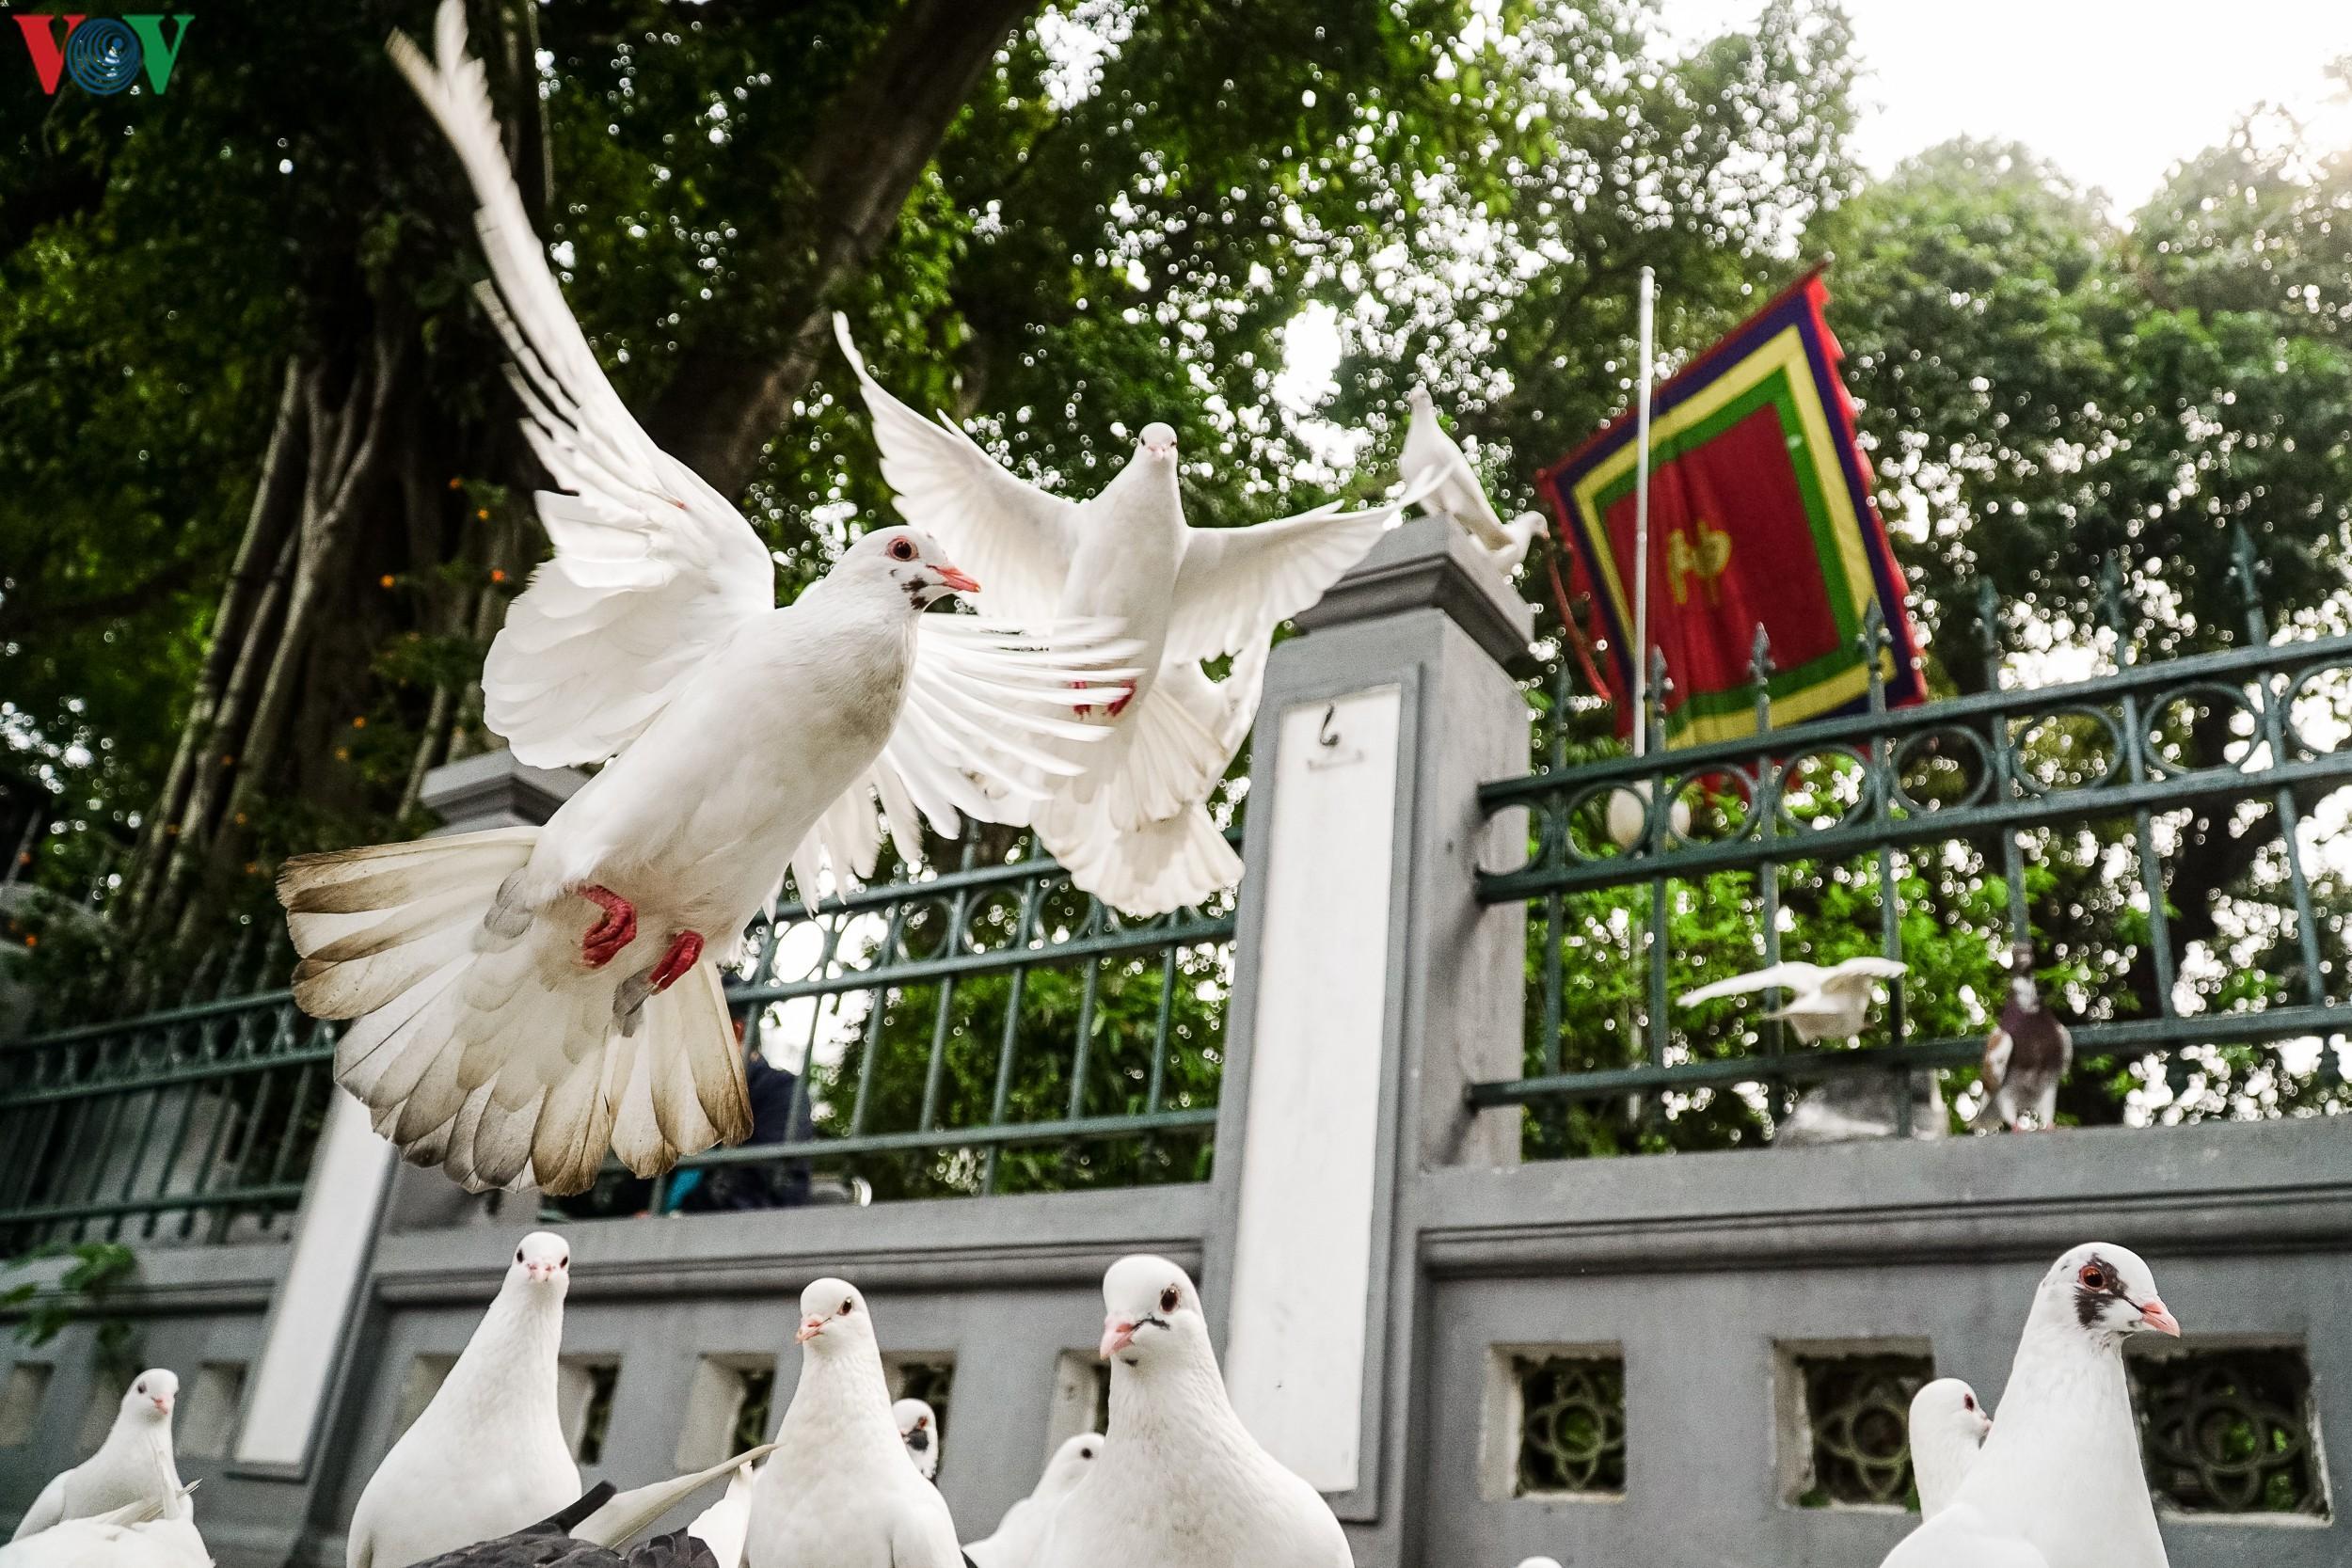 Ngắm đàn chim bồ câu bên hồ Hoàn Kiếm Ảnh 11